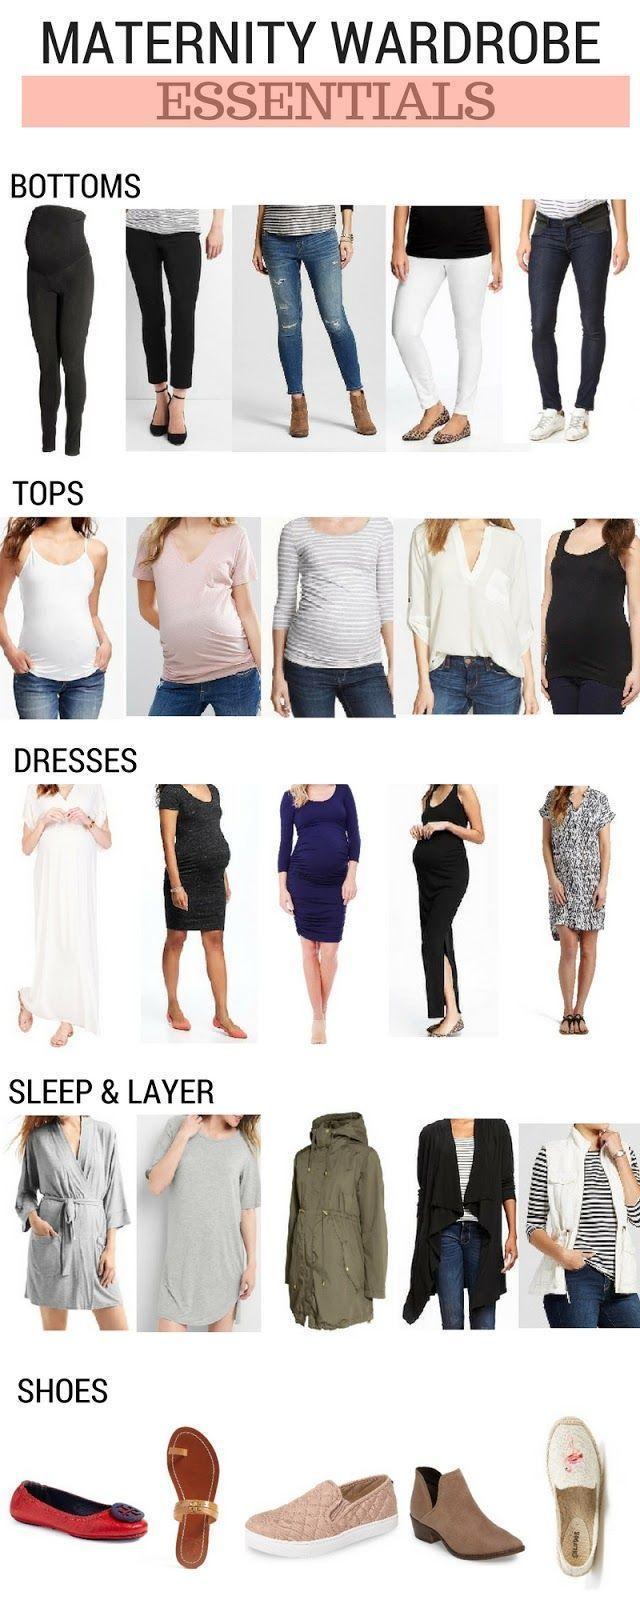 fa8f28e8e Maternity Wardrobe Essentials | Self | Pregnancy wardrobe, Maternity ...